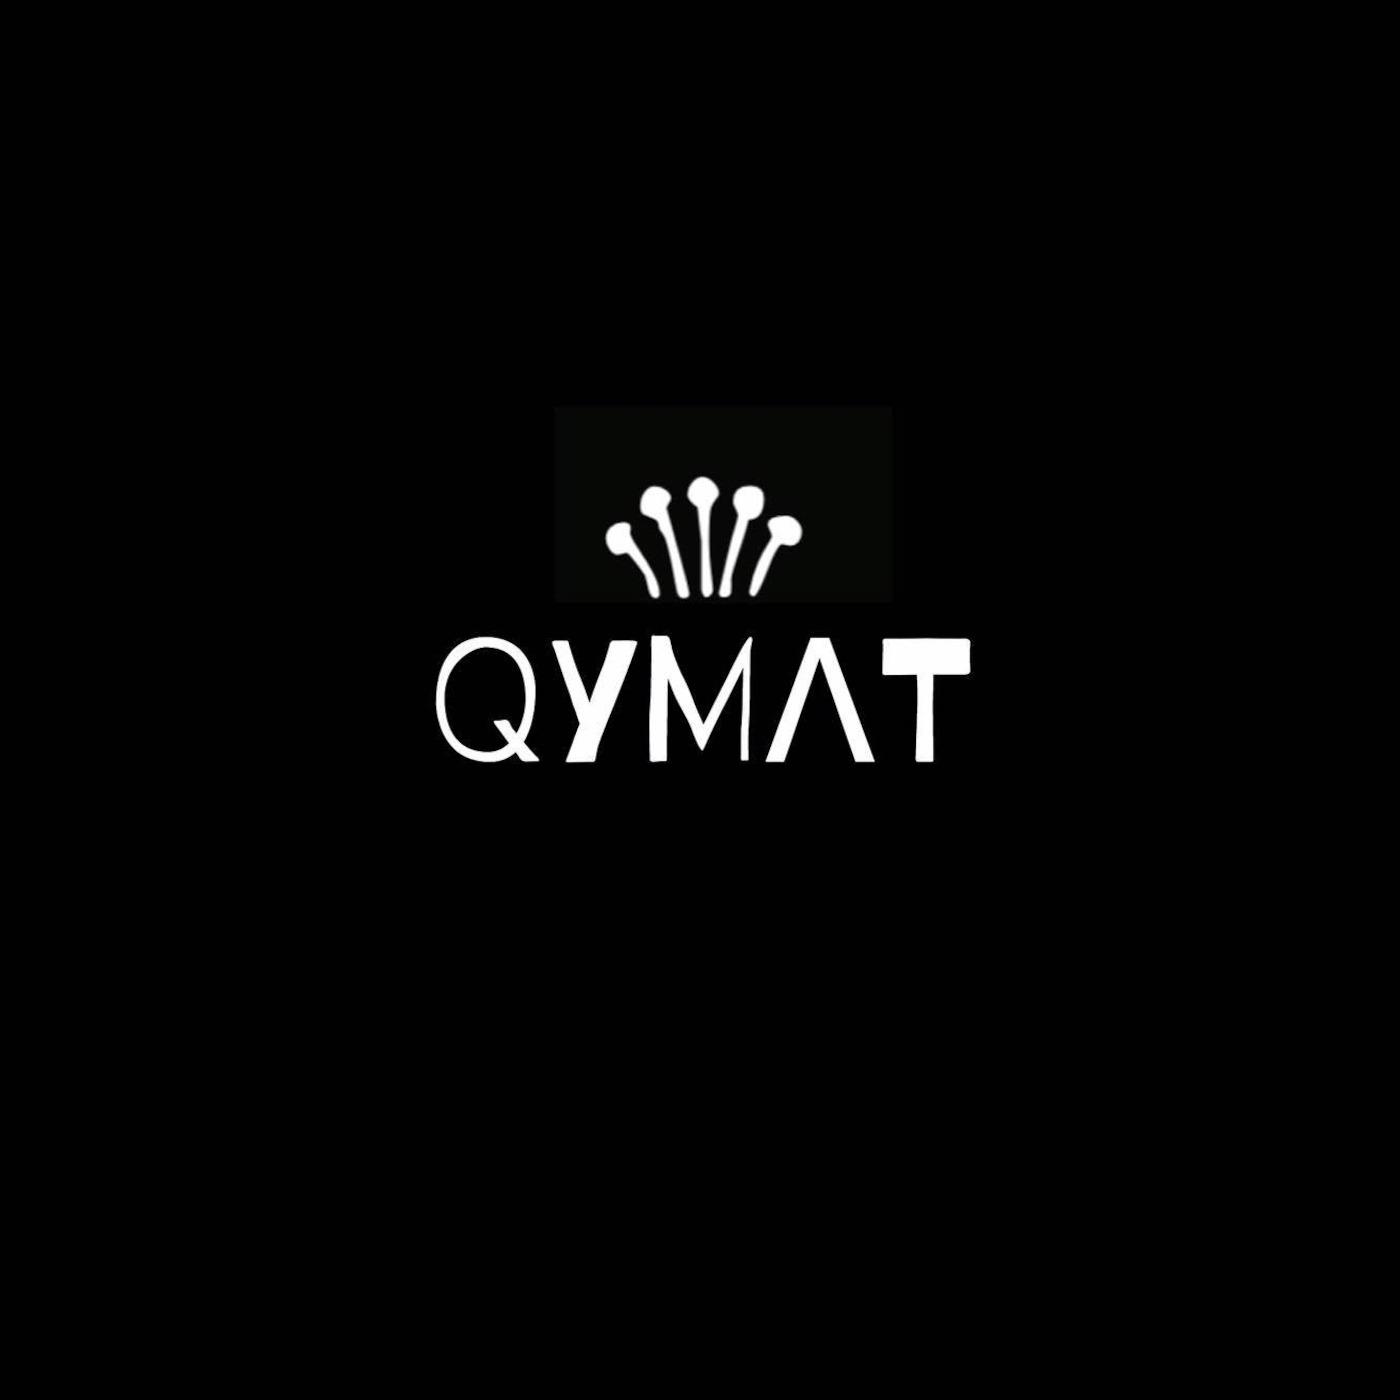 QYMΛT 'ON AIR'